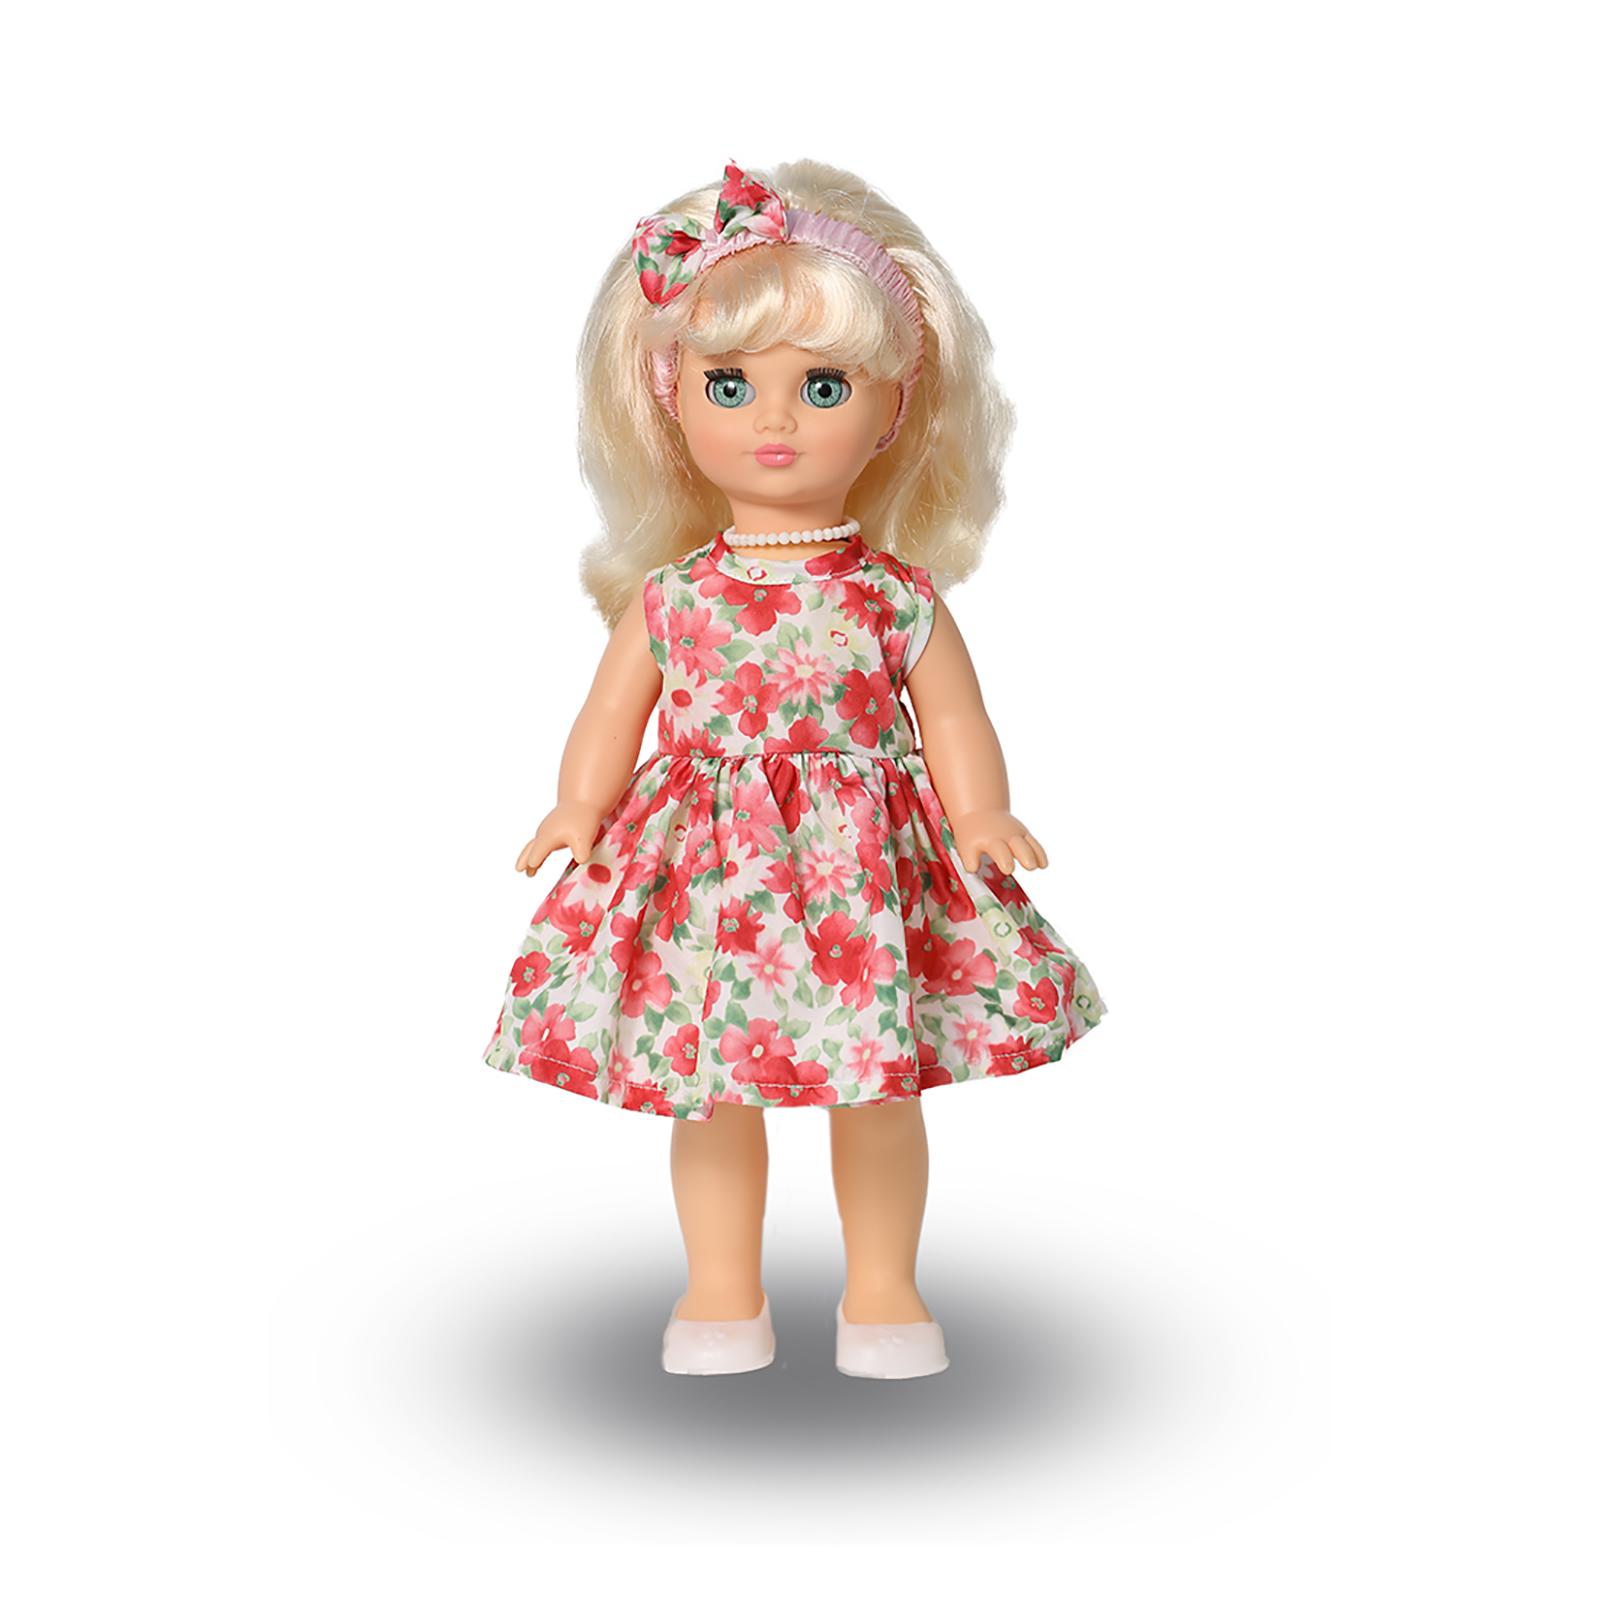 третья картинки пнг куклы культа- это тот